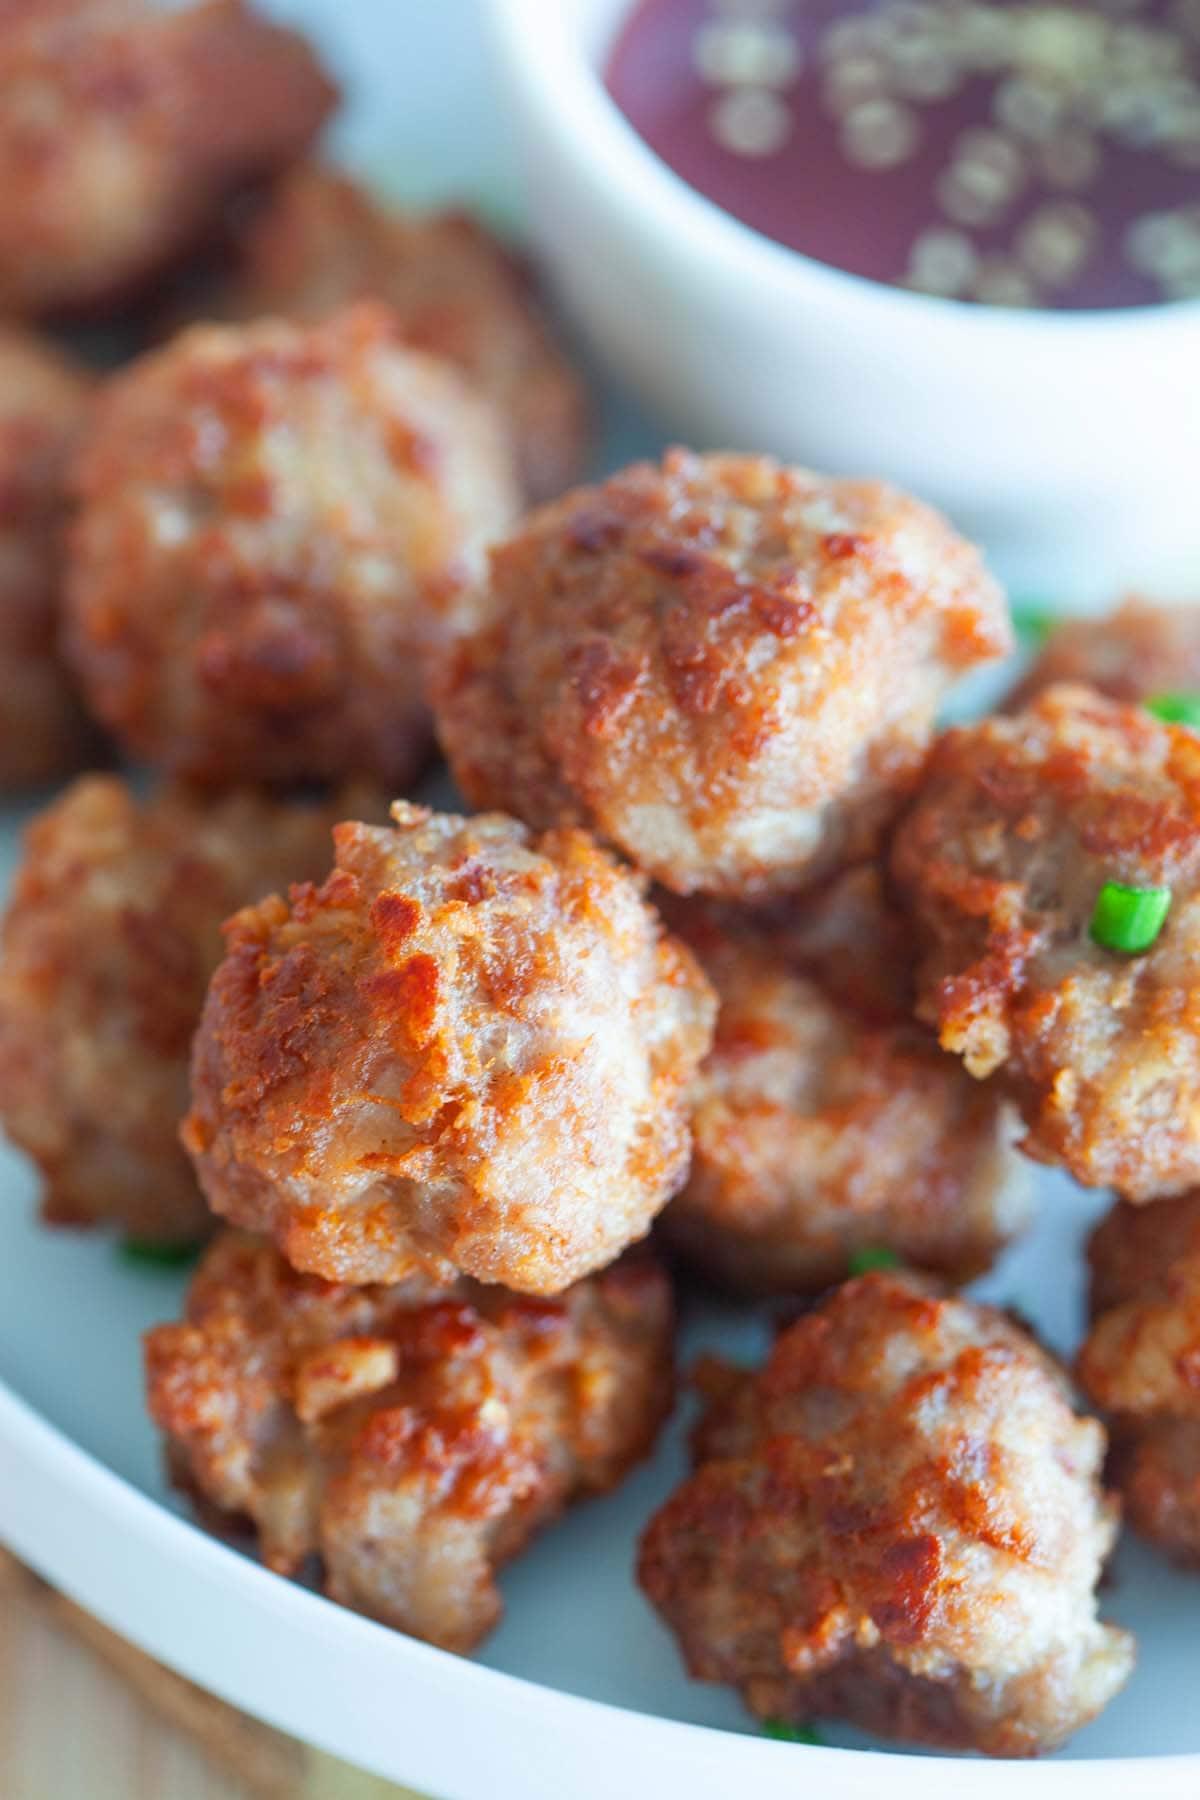 Fried meatballs in plate.